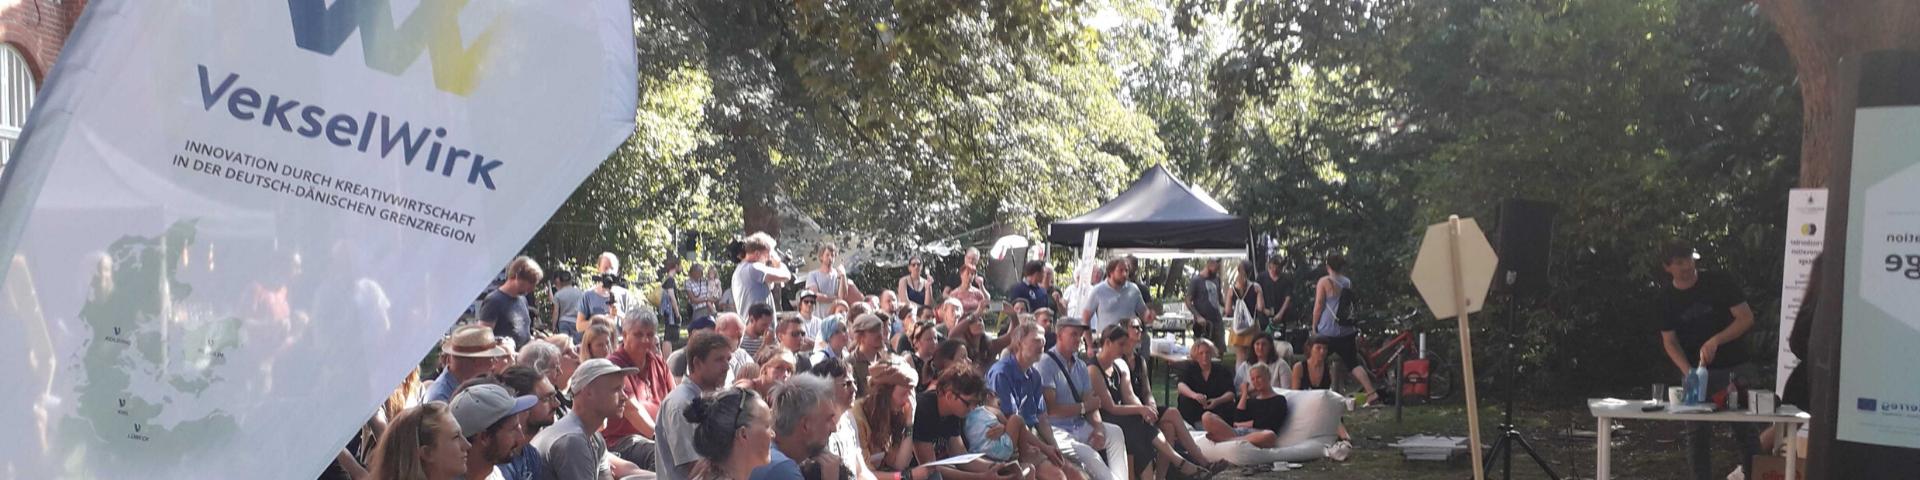 Menschen draussen im Park sitzen zusammen